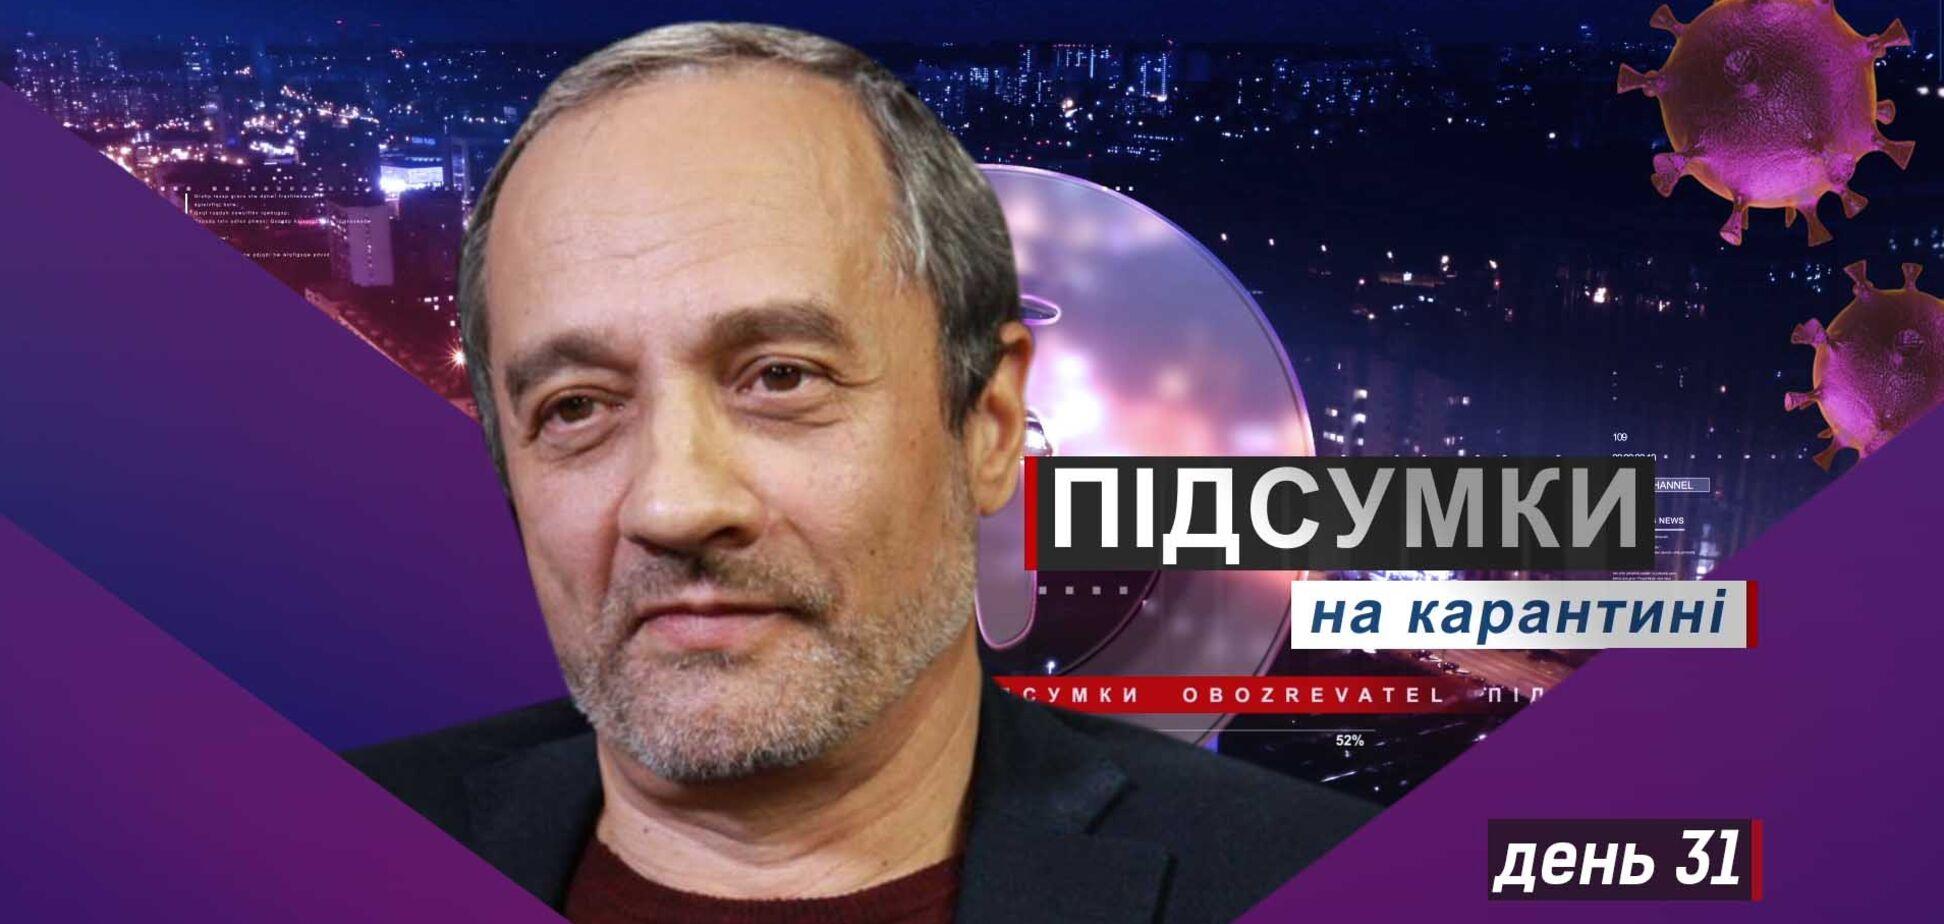 Коронавирус в России набирает обороты, но кое-что очень странно